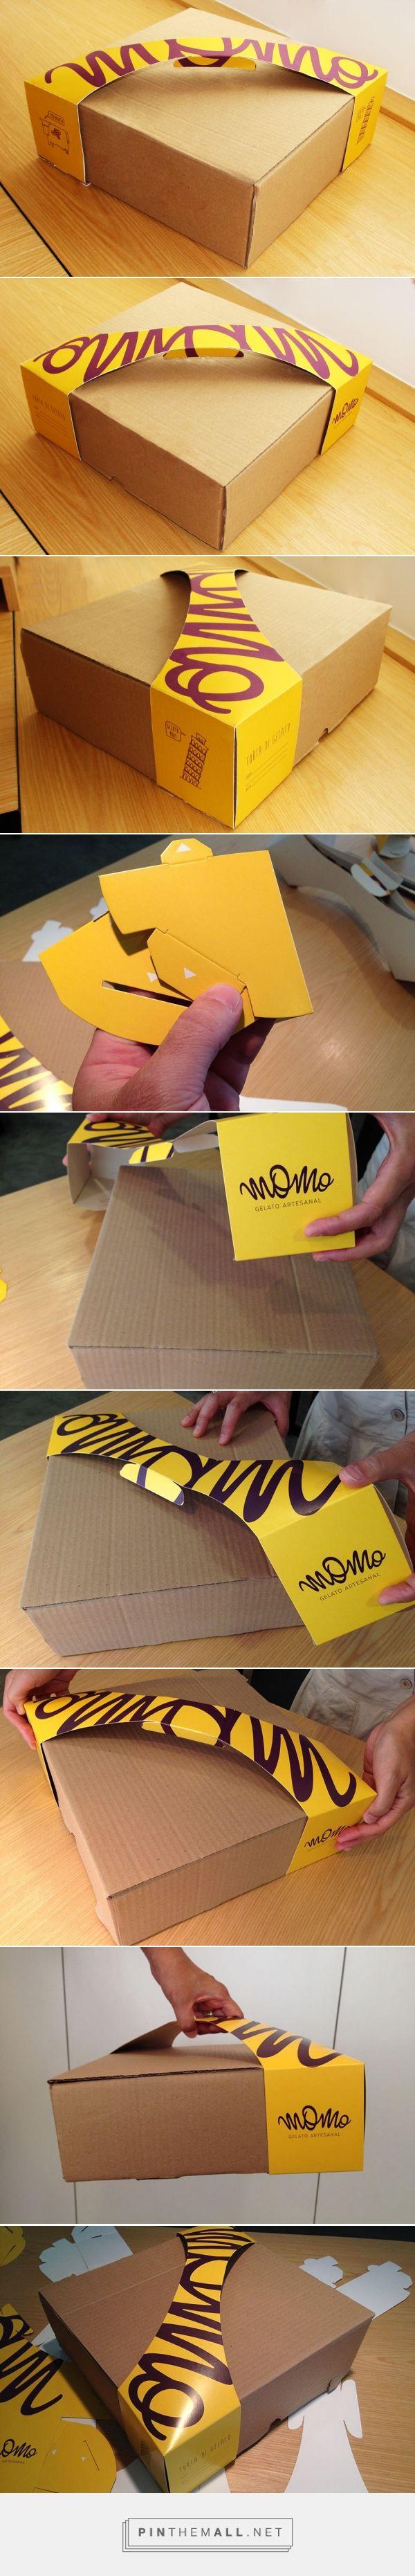 MOMO Pie box packaging design by M.Quatro Design (Brazil) - http://www.packagingoftheworld.com/2016/05/alca-para-embalagem-de-tortas-momo.html